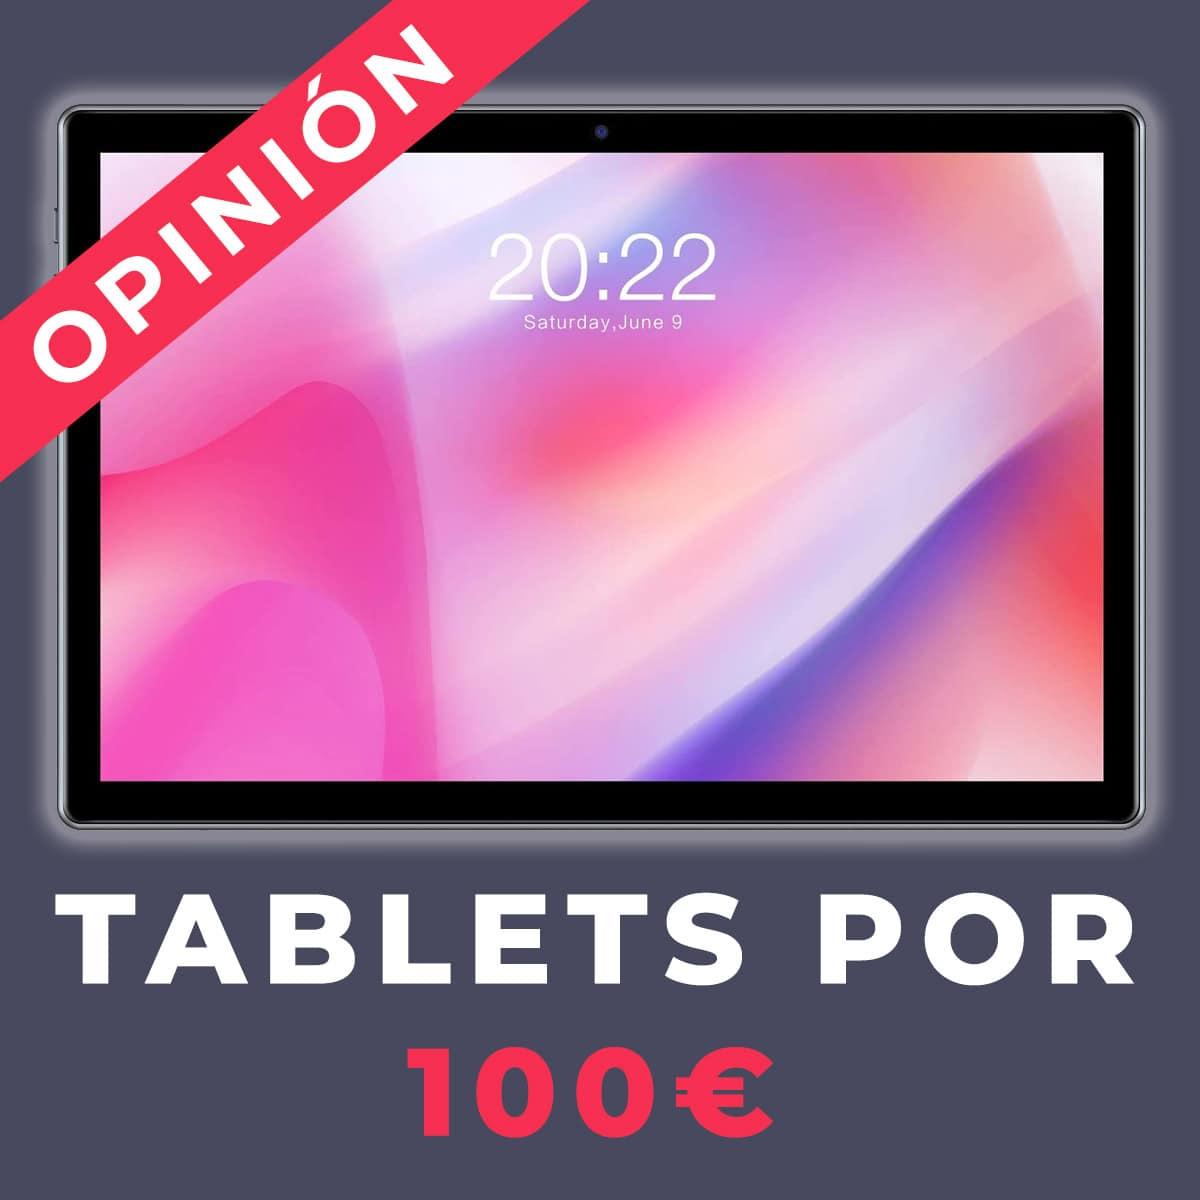 tablets por 100 euros